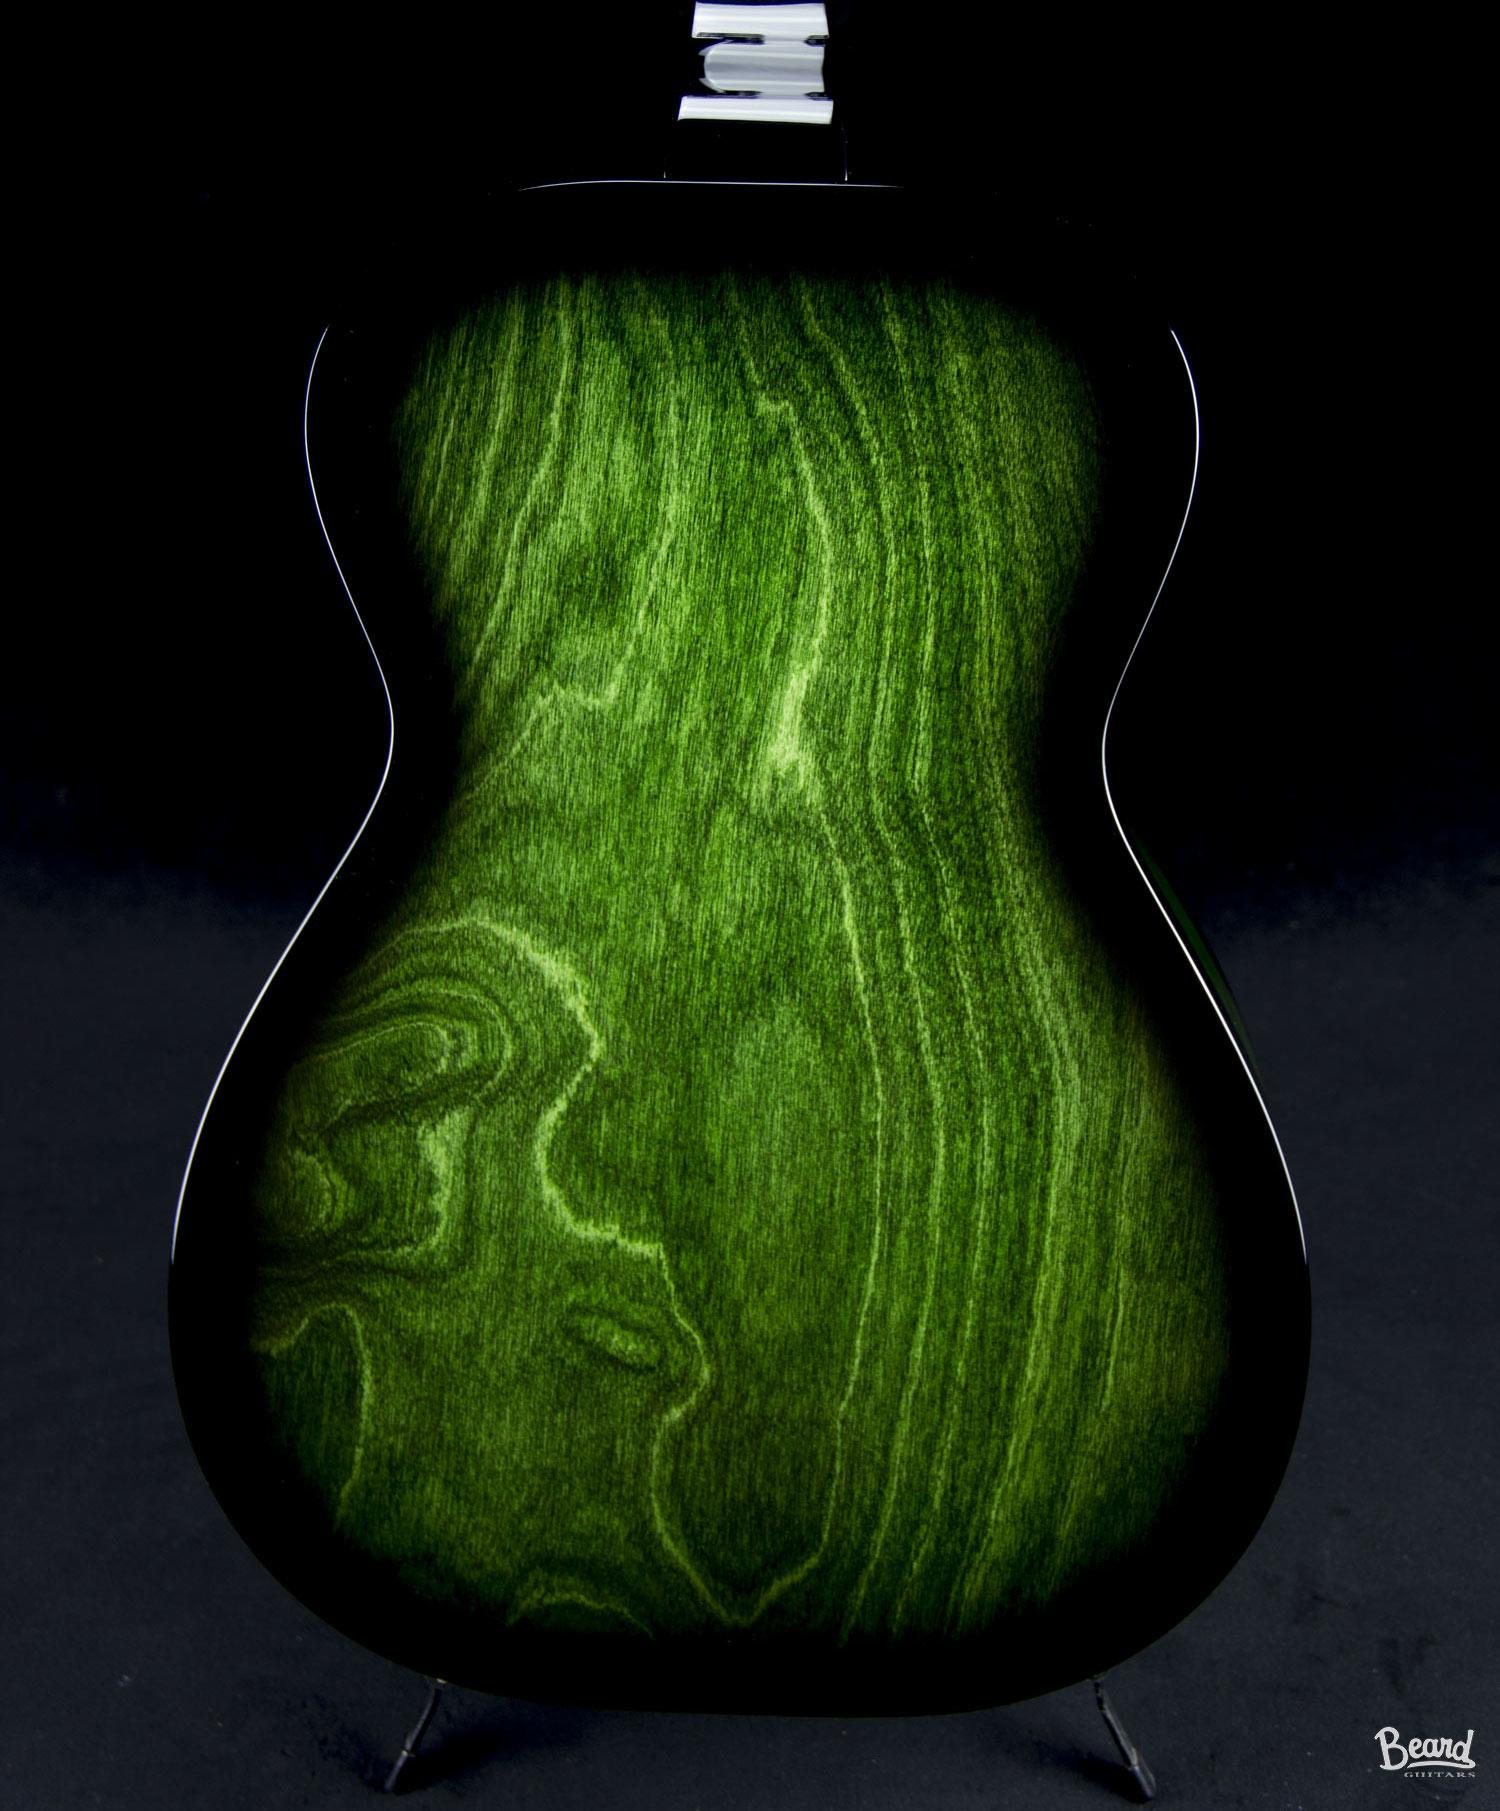 Vint-R-Green-back.jpg